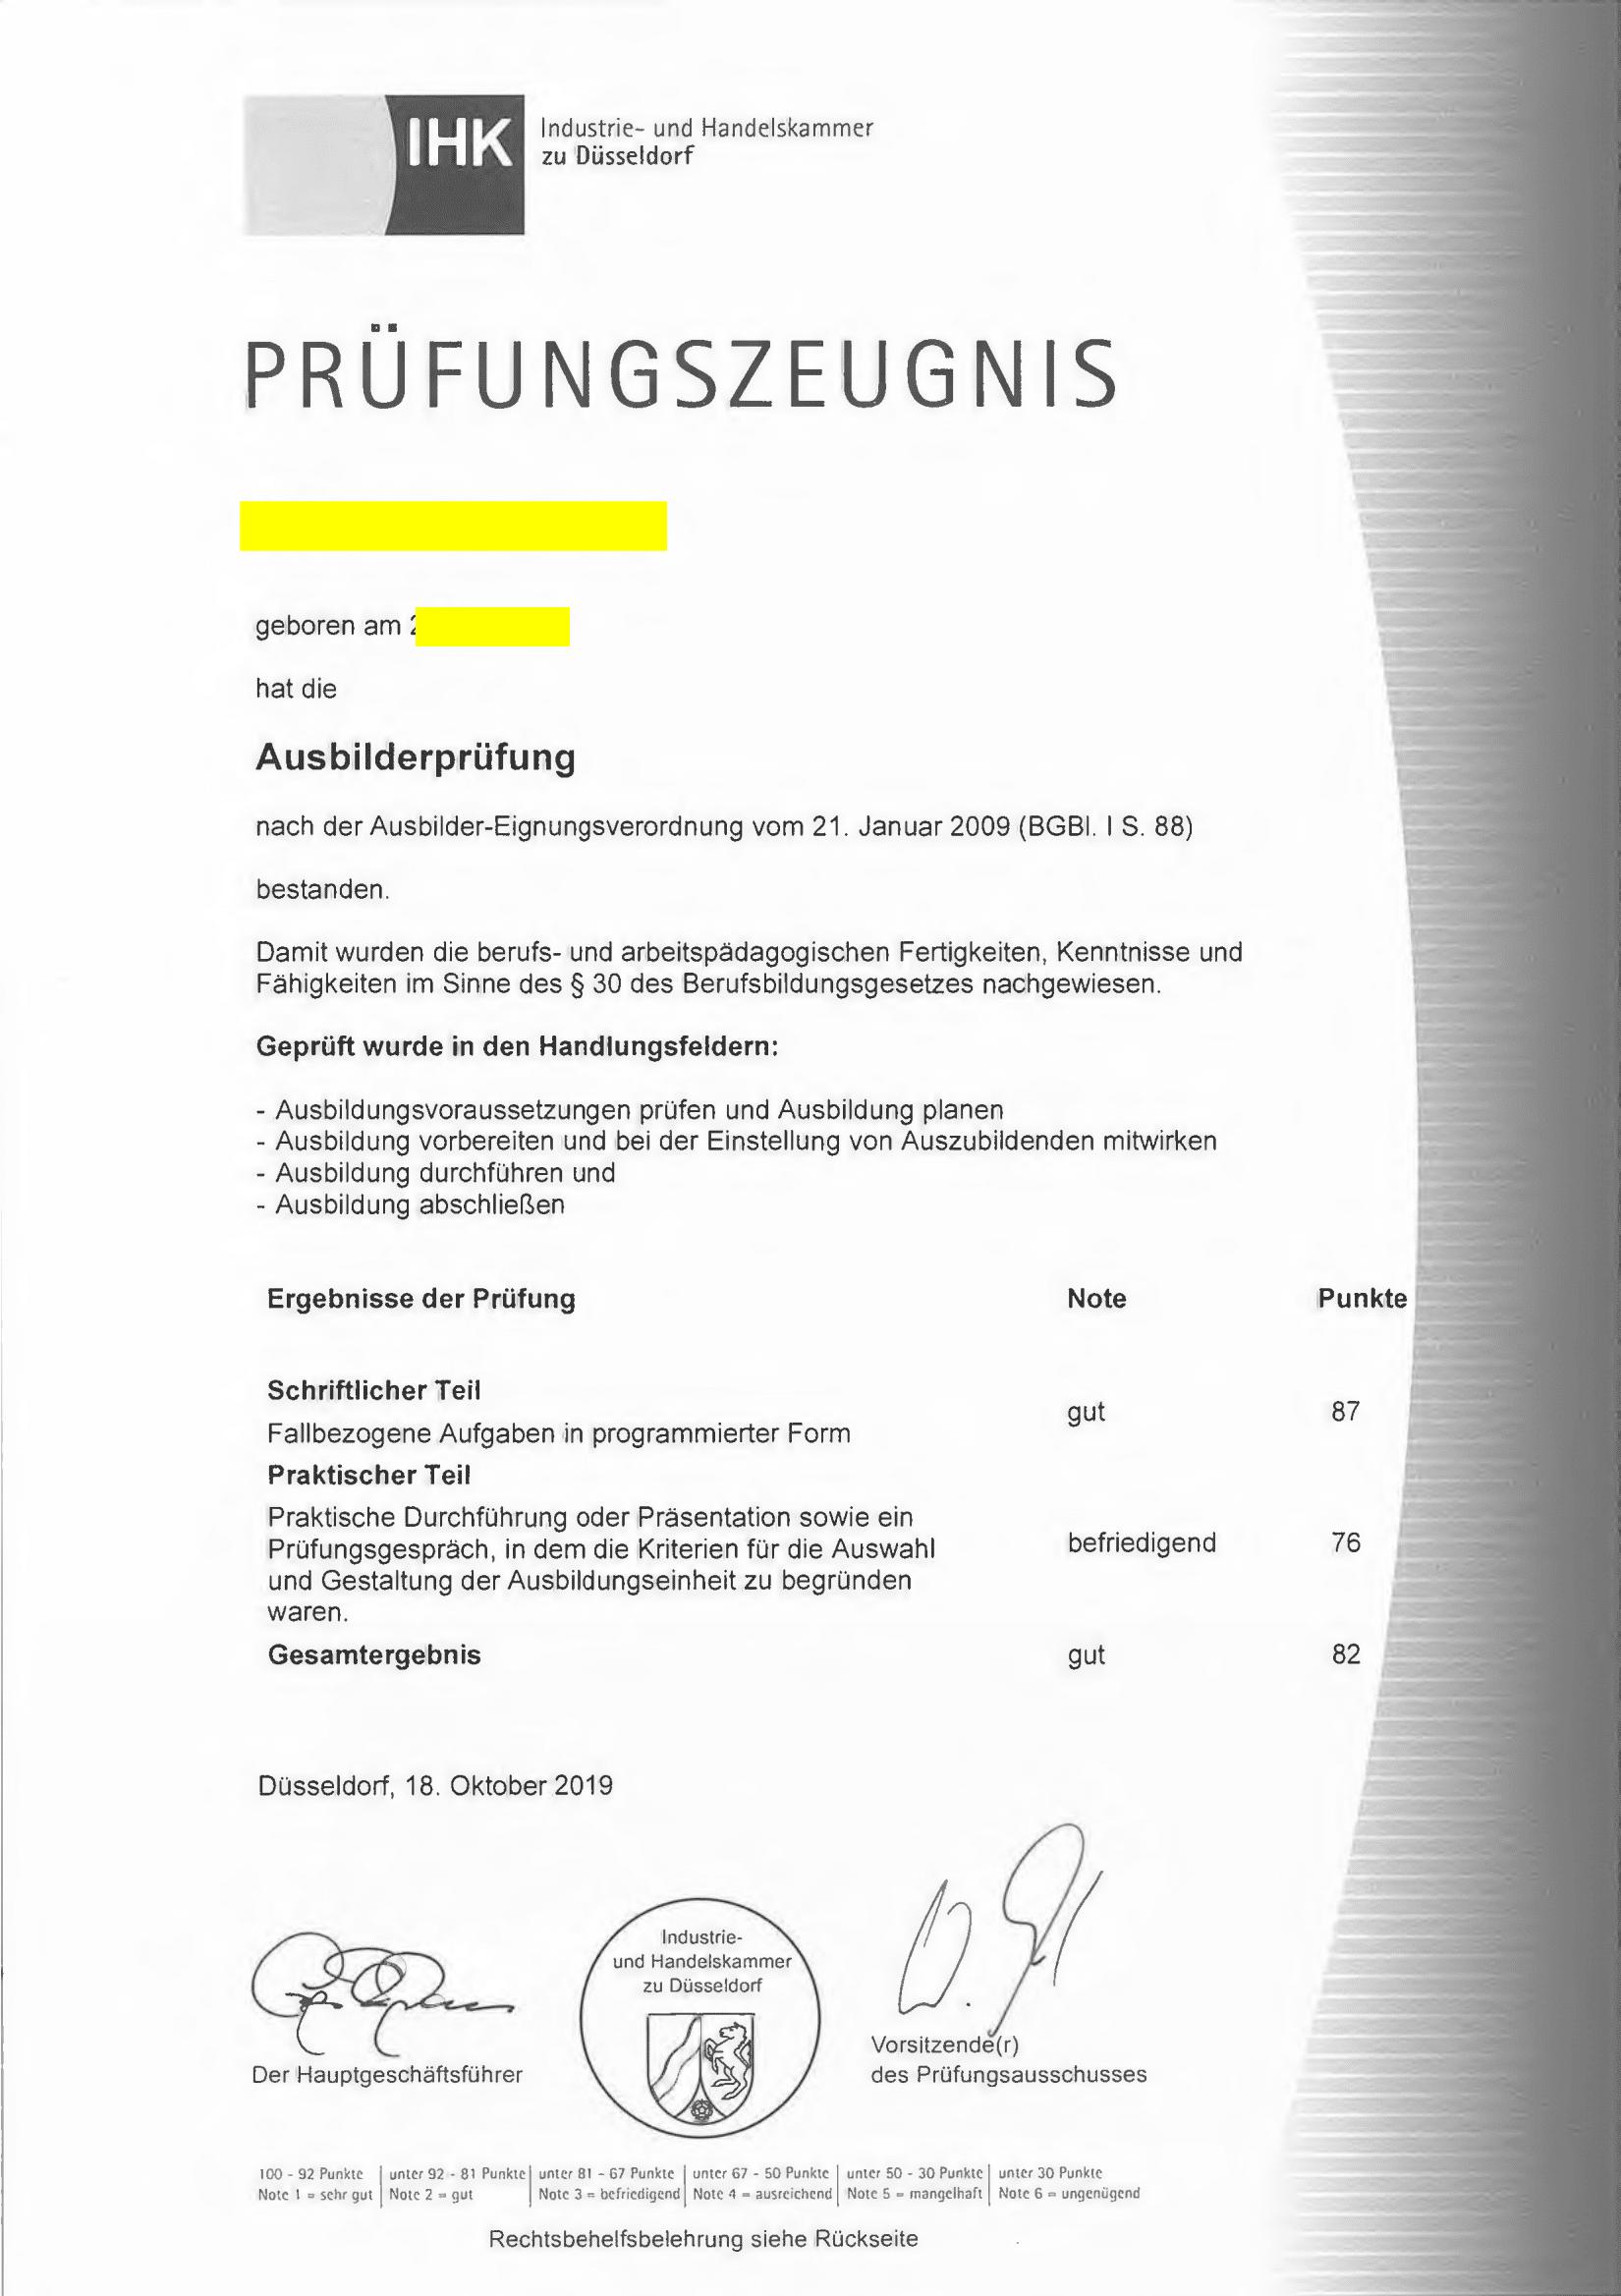 Screenshot eines AdA-Scheins der IHK Düsseldorf mit dem Gesamtergebnis GUT